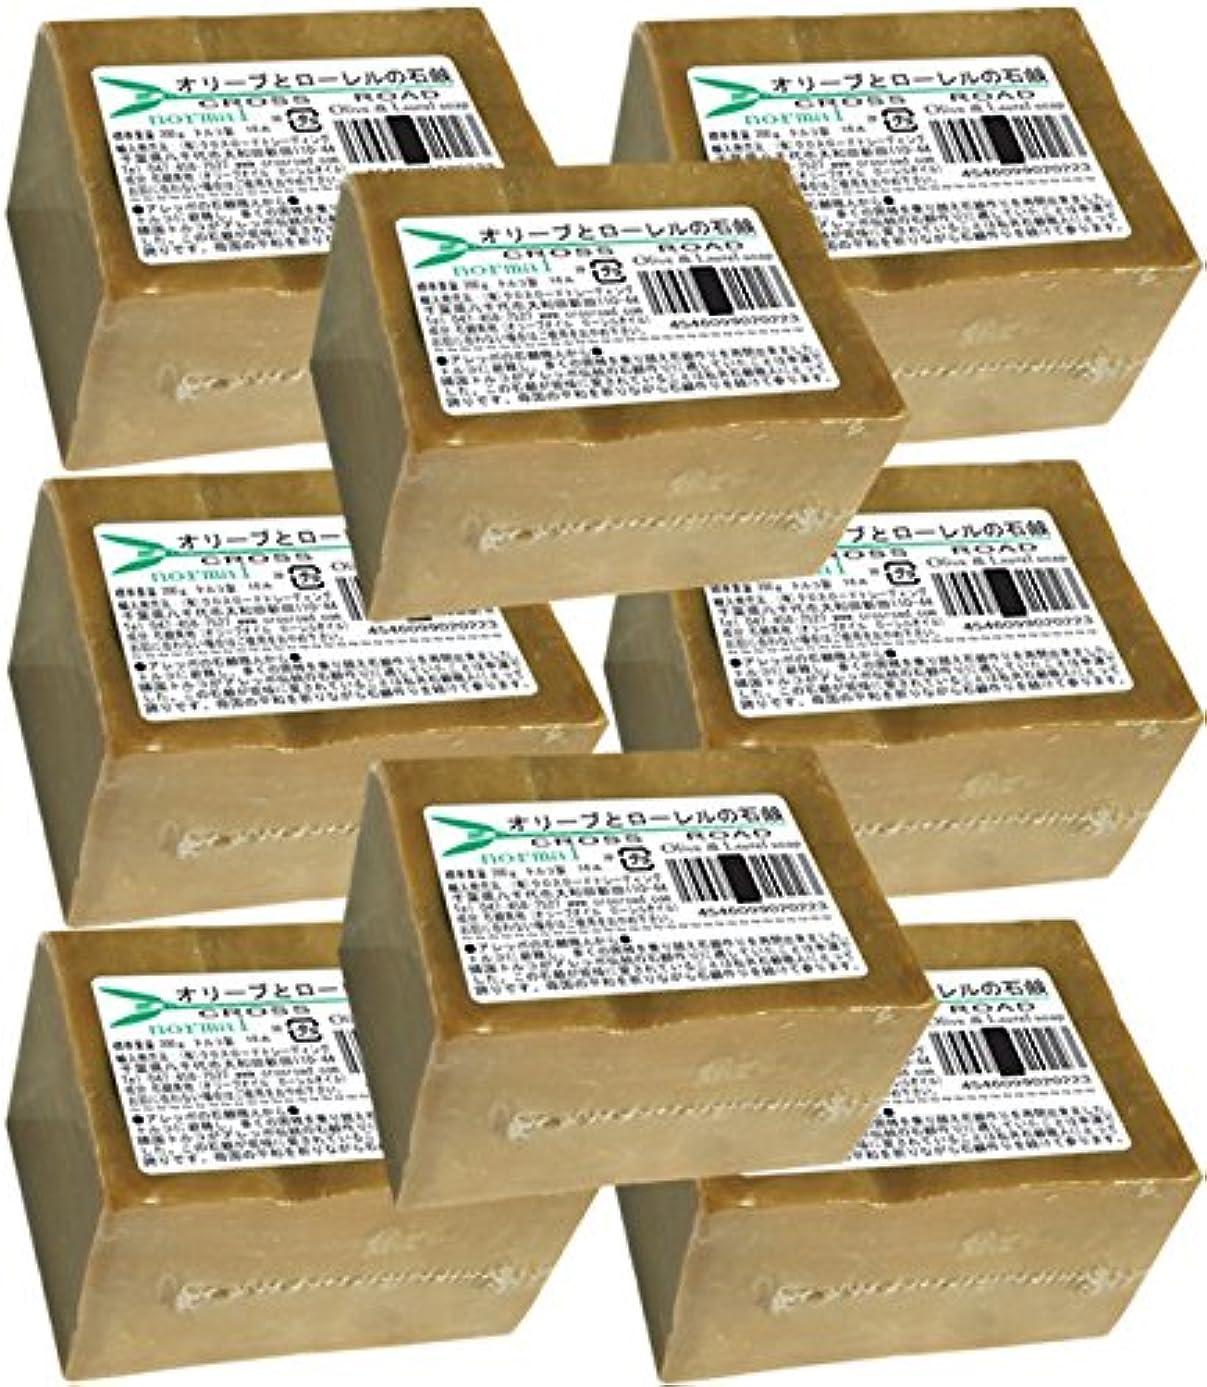 ディレクトリネブ安心オリーブとローレルの石鹸(ノーマル)8個セット[並行輸入品]